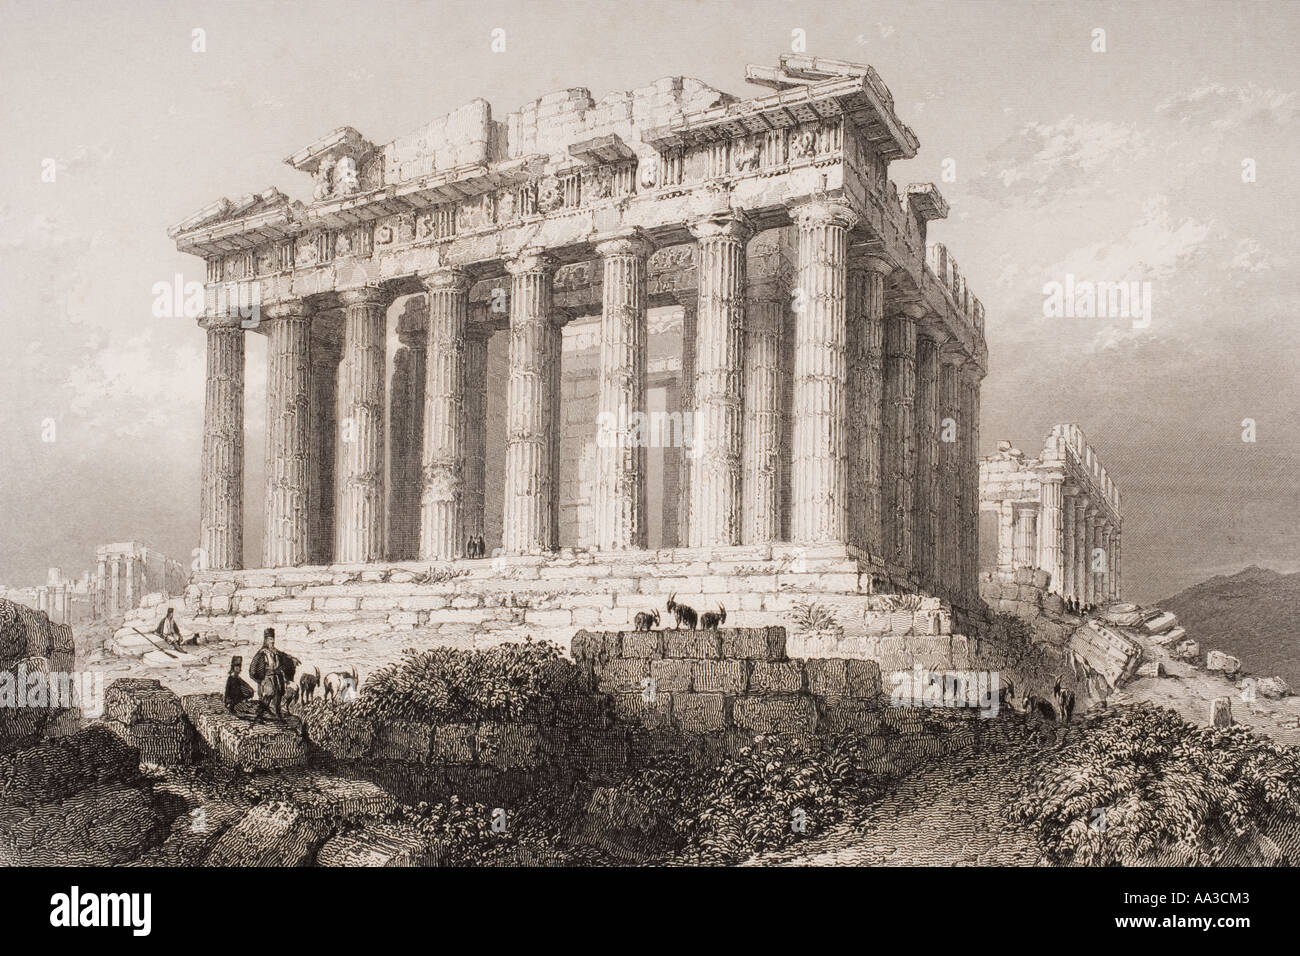 Le Parthénon à Athènes, en Grèce au 19e siècle. Photo Stock